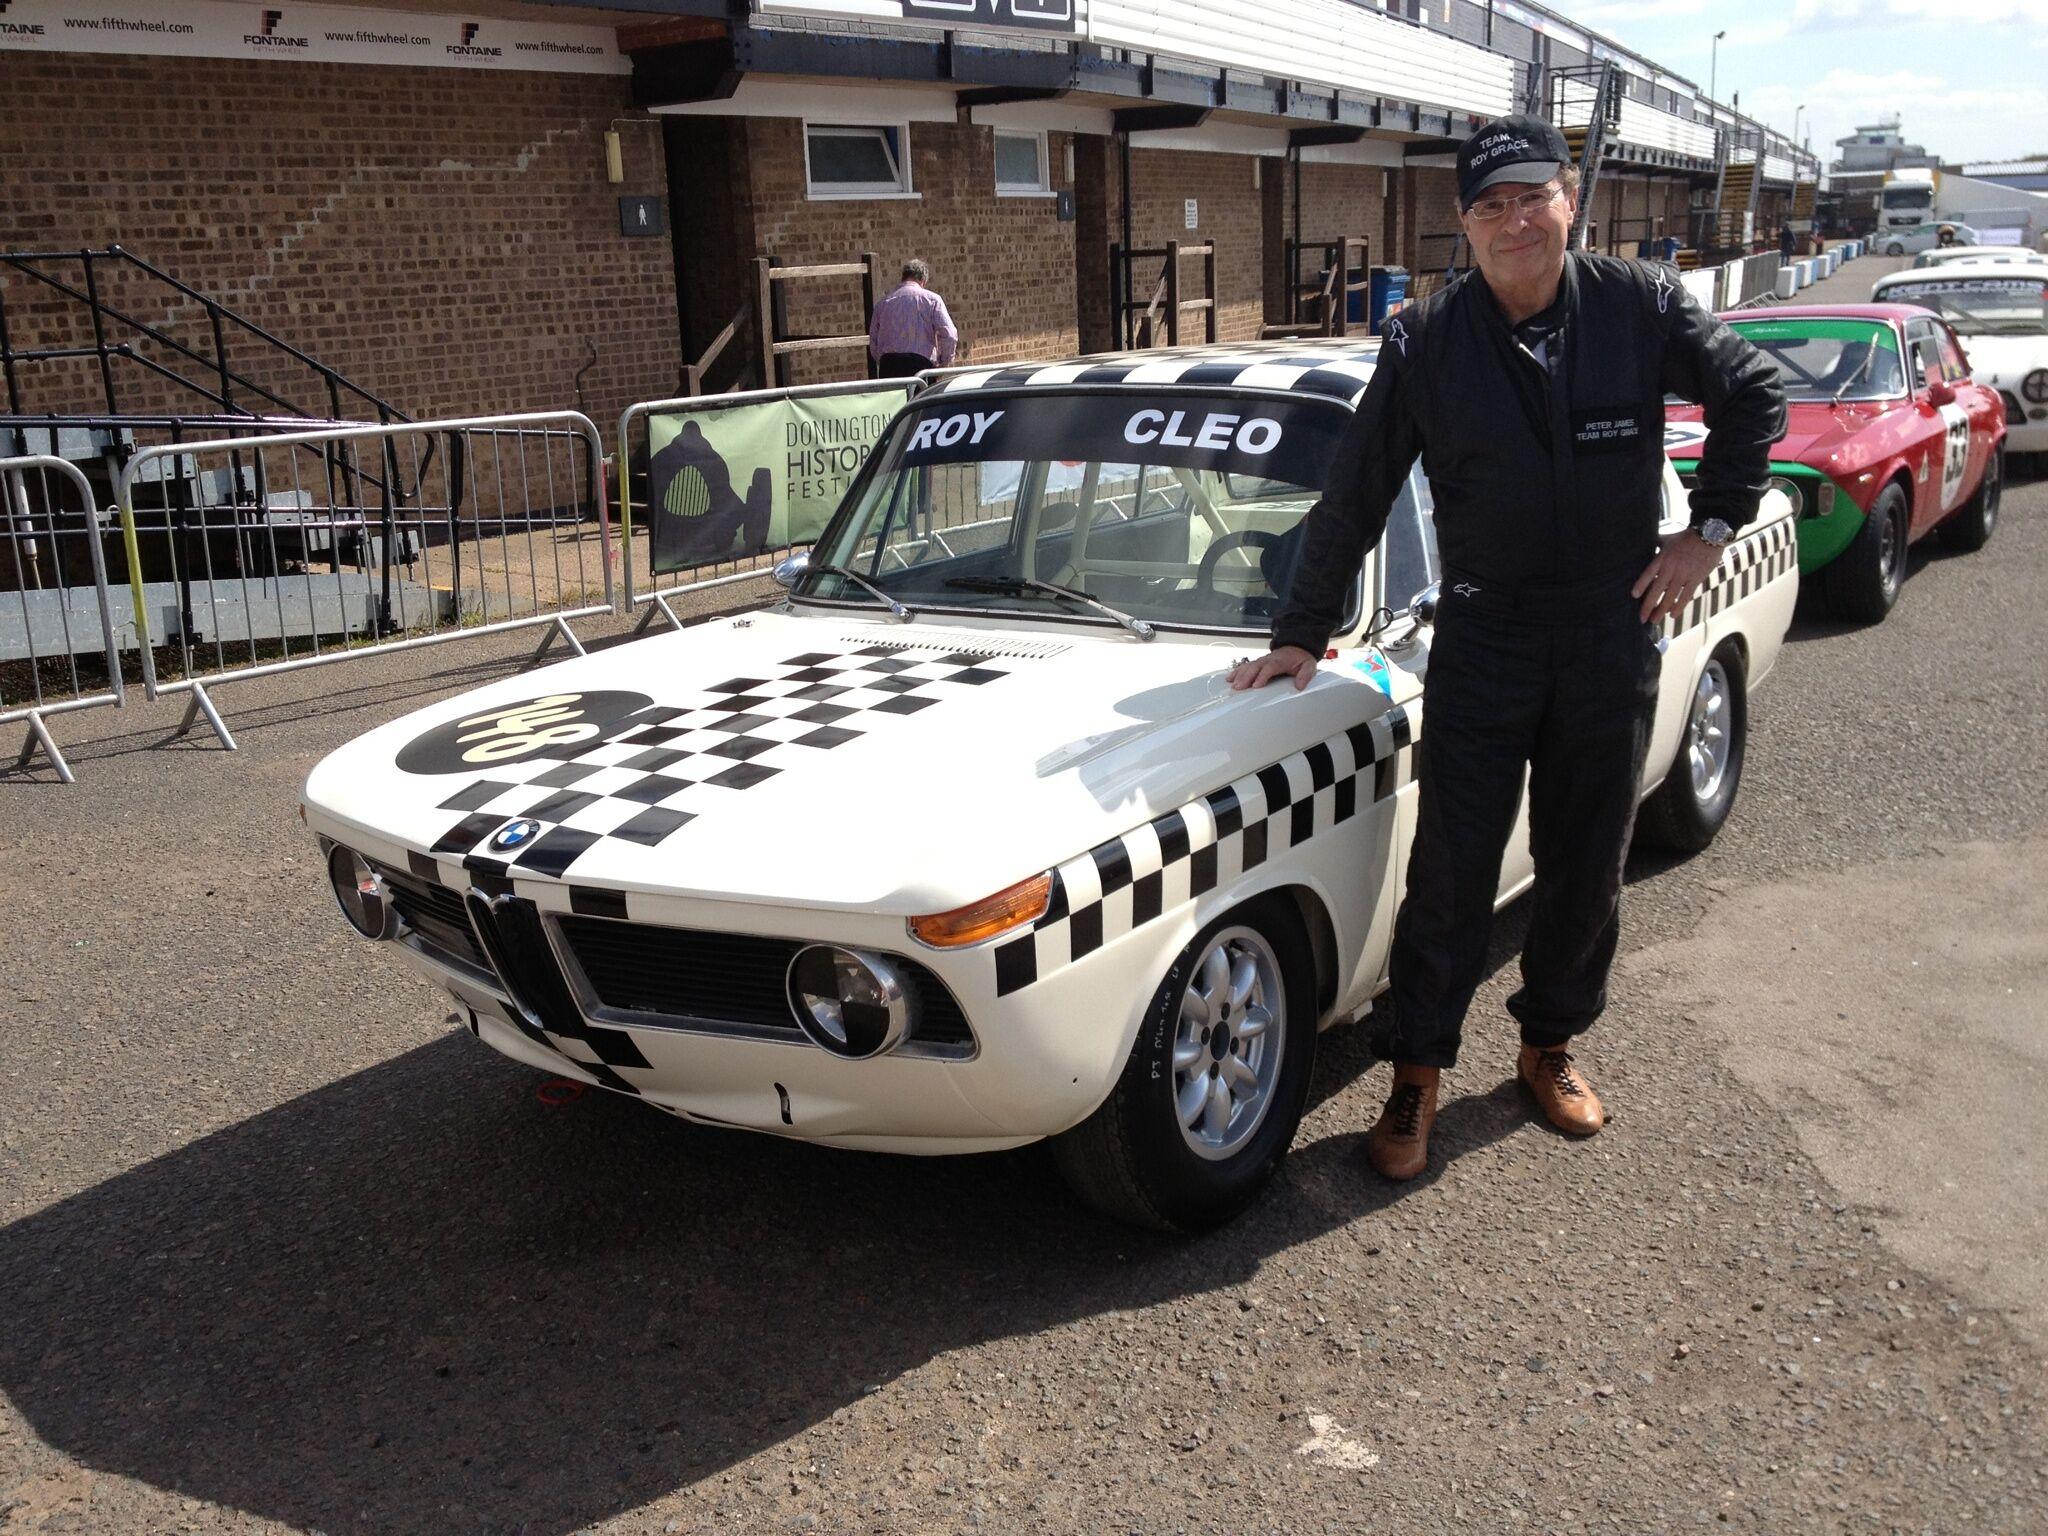 Peter James lettsindige hobby: Racerbilsjåfør